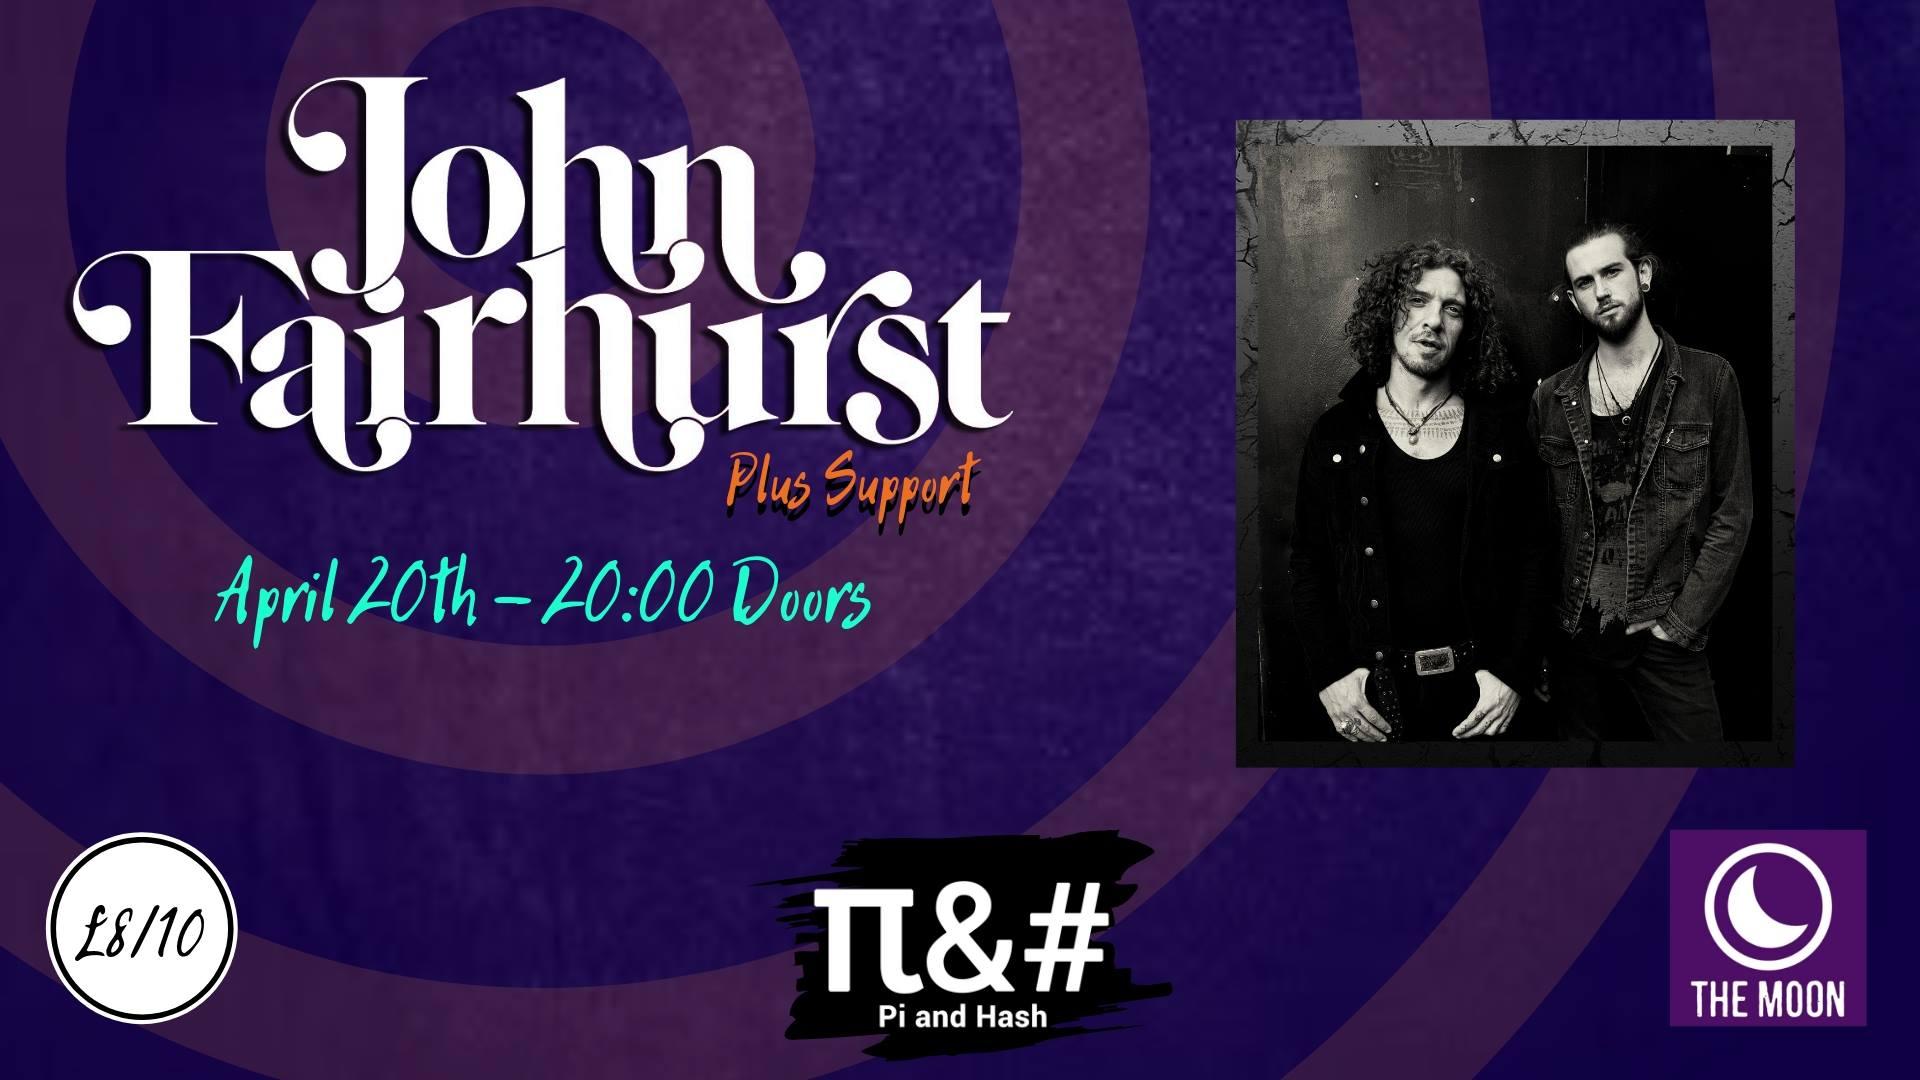 John+Fairhurst+poster